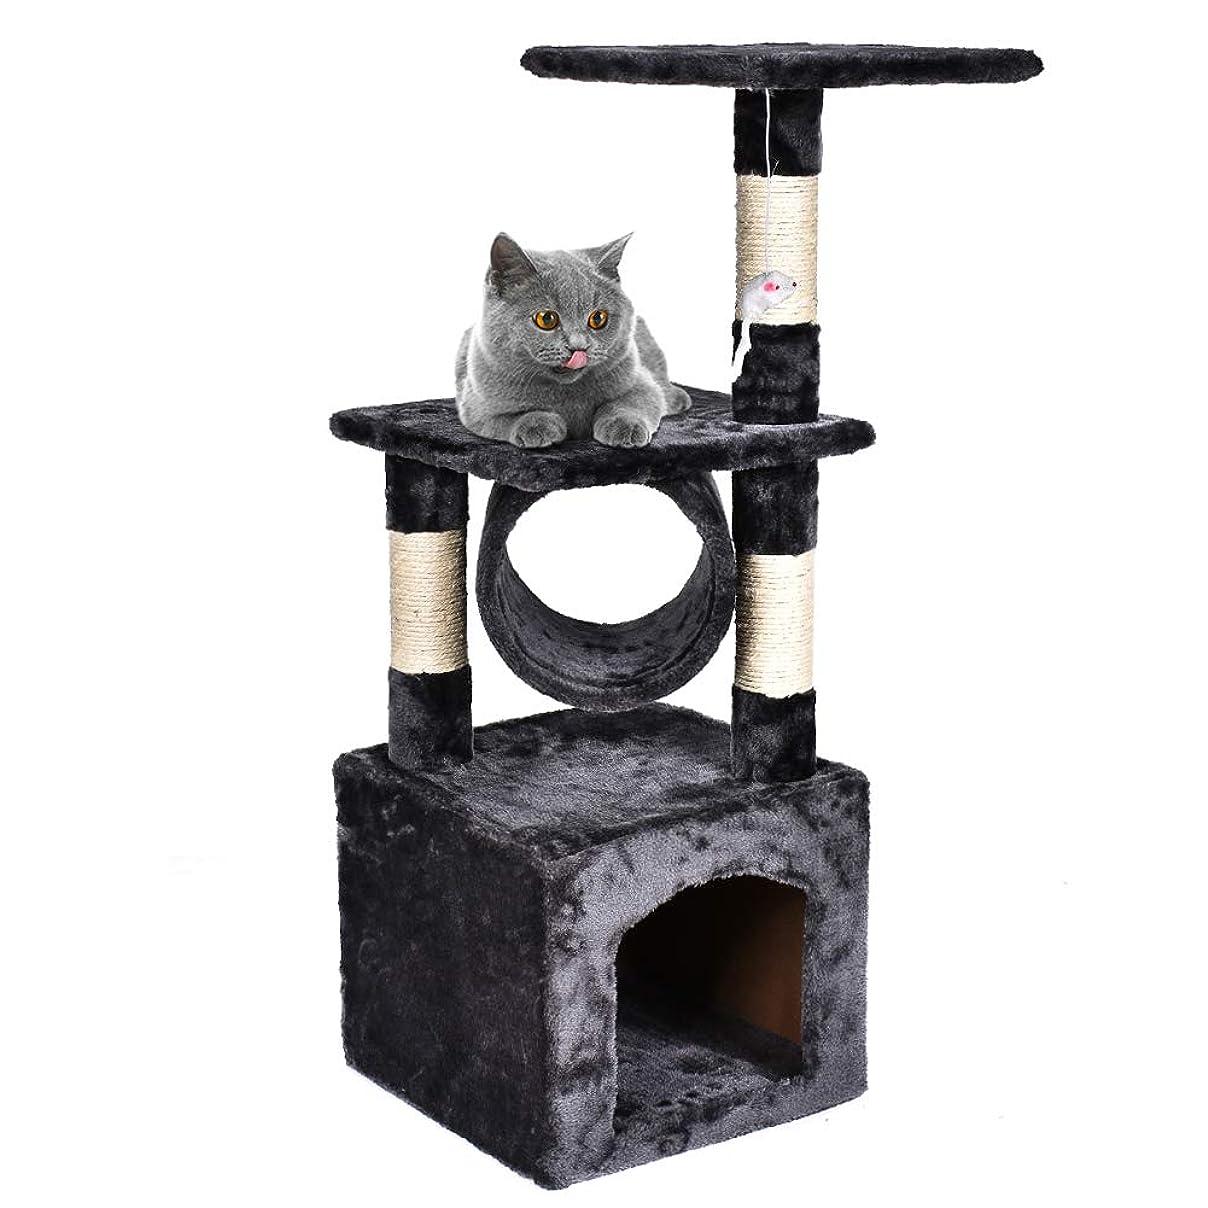 アクロバットボリュームショートカットFEANDREA キャットタワー 爪とぎ支柱 3ヶ所固定したハンモック ゆらゆら寝れる 子猫 おもちゃ 67cm NPCT68M